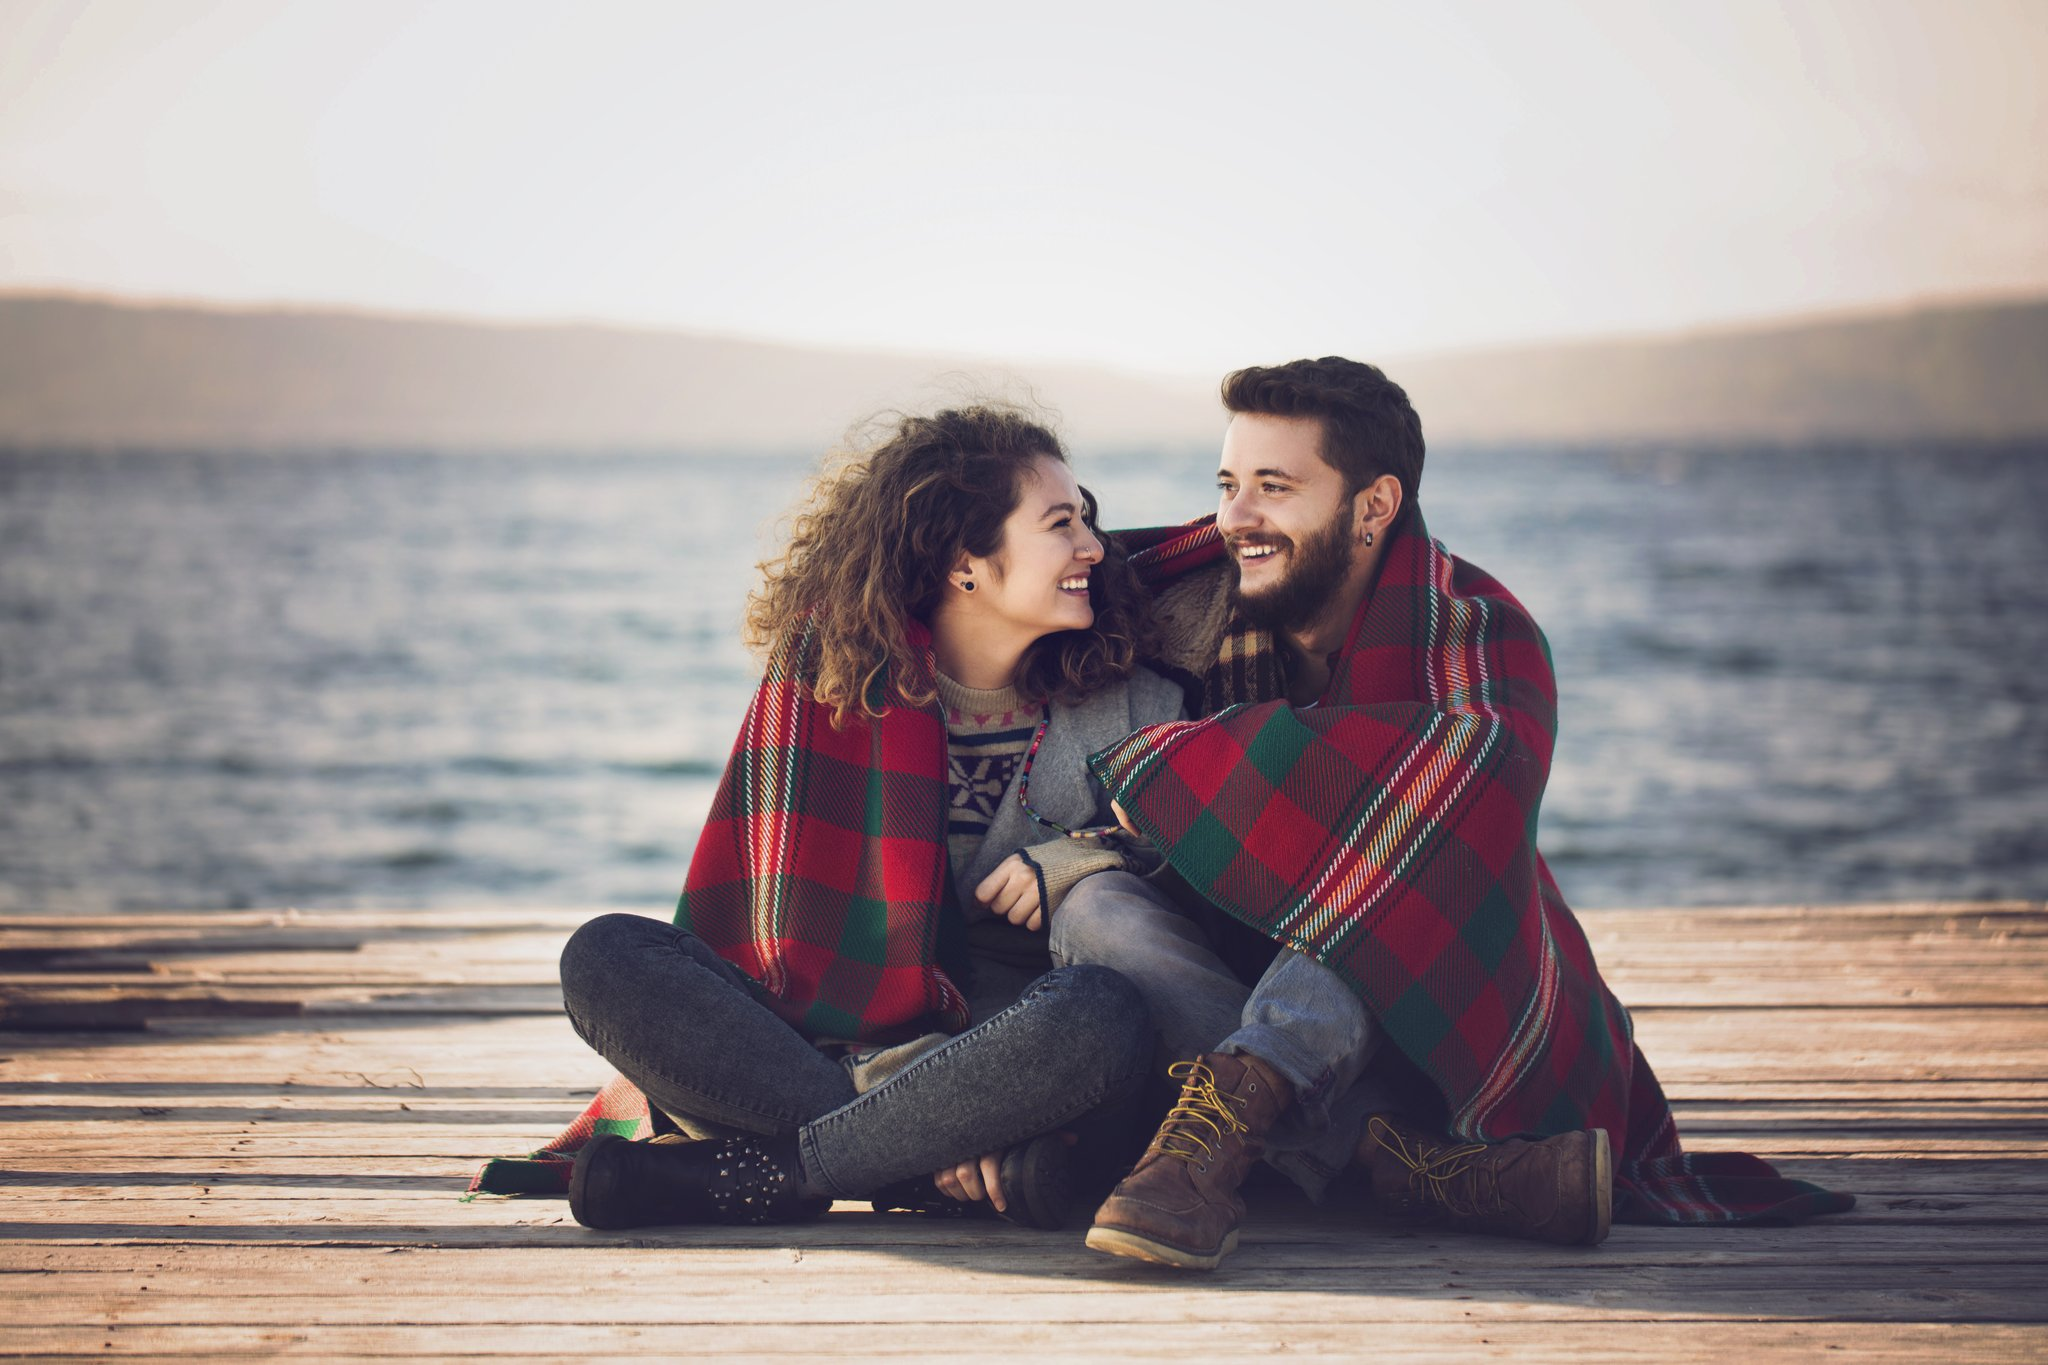 بالصور صور حب 2019 , الحب واحدث اشيائه فى 2019 4741 4